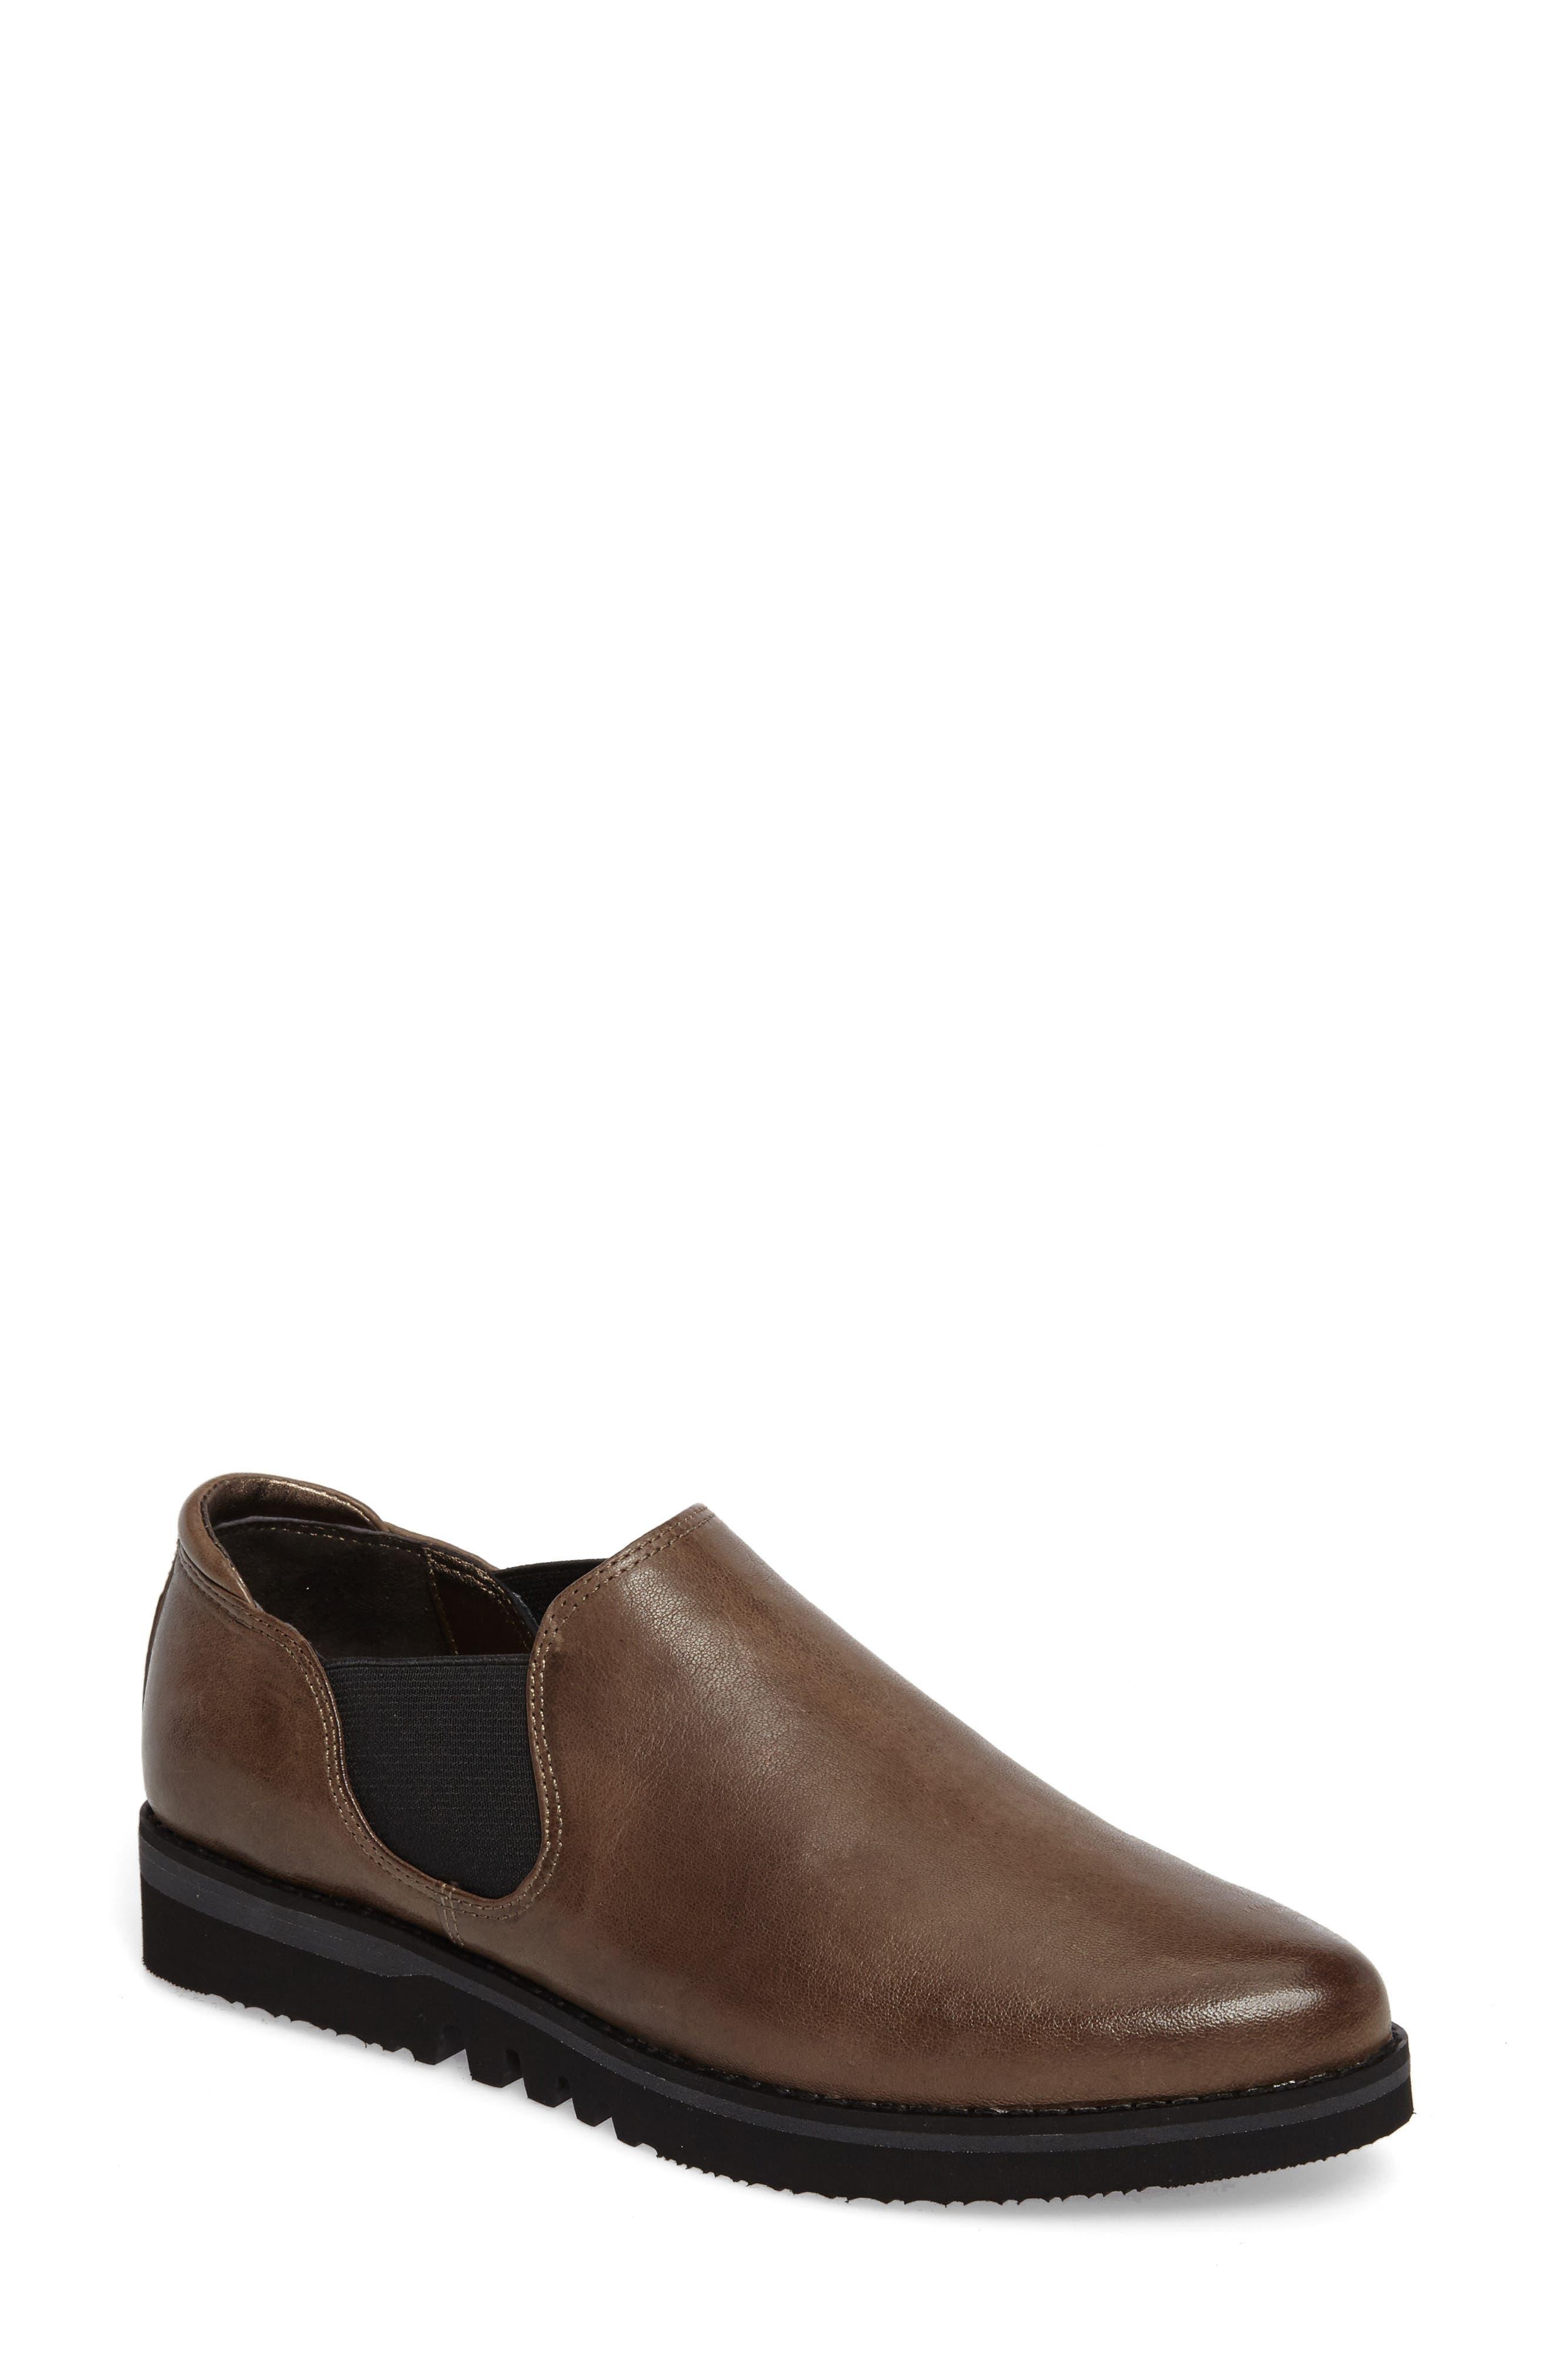 Brooklyn Slip-On,                         Main,                         color, Mushroom Leather